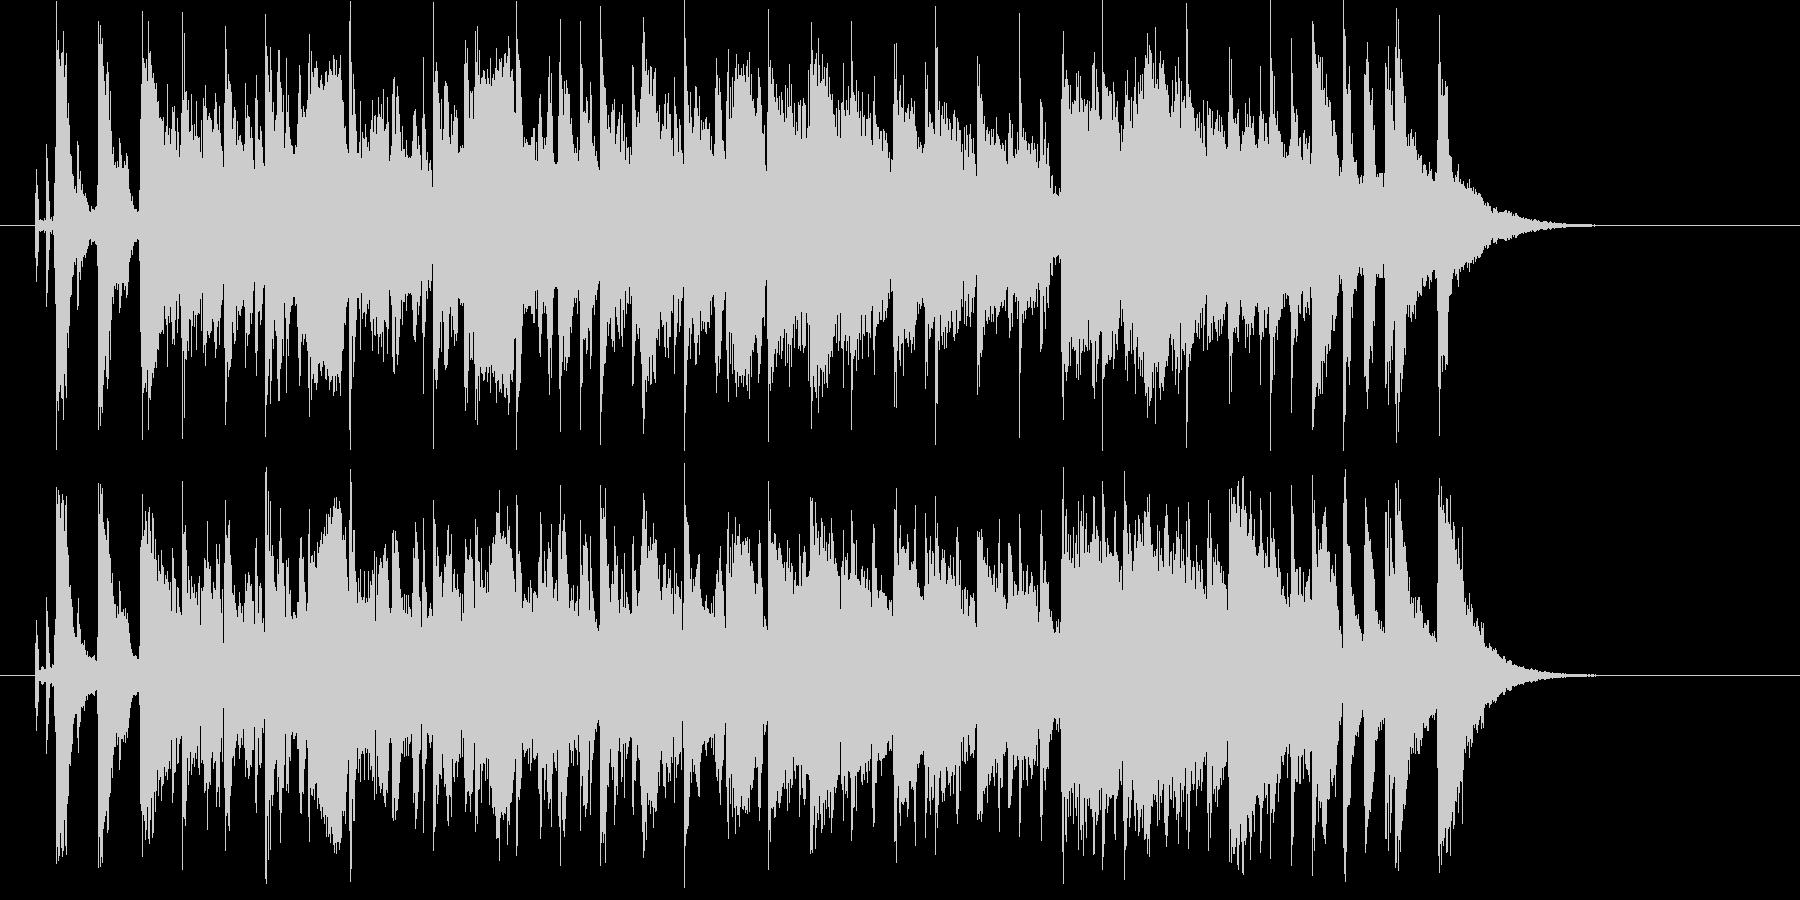 爽やかで広がりのあるシンセの曲の未再生の波形